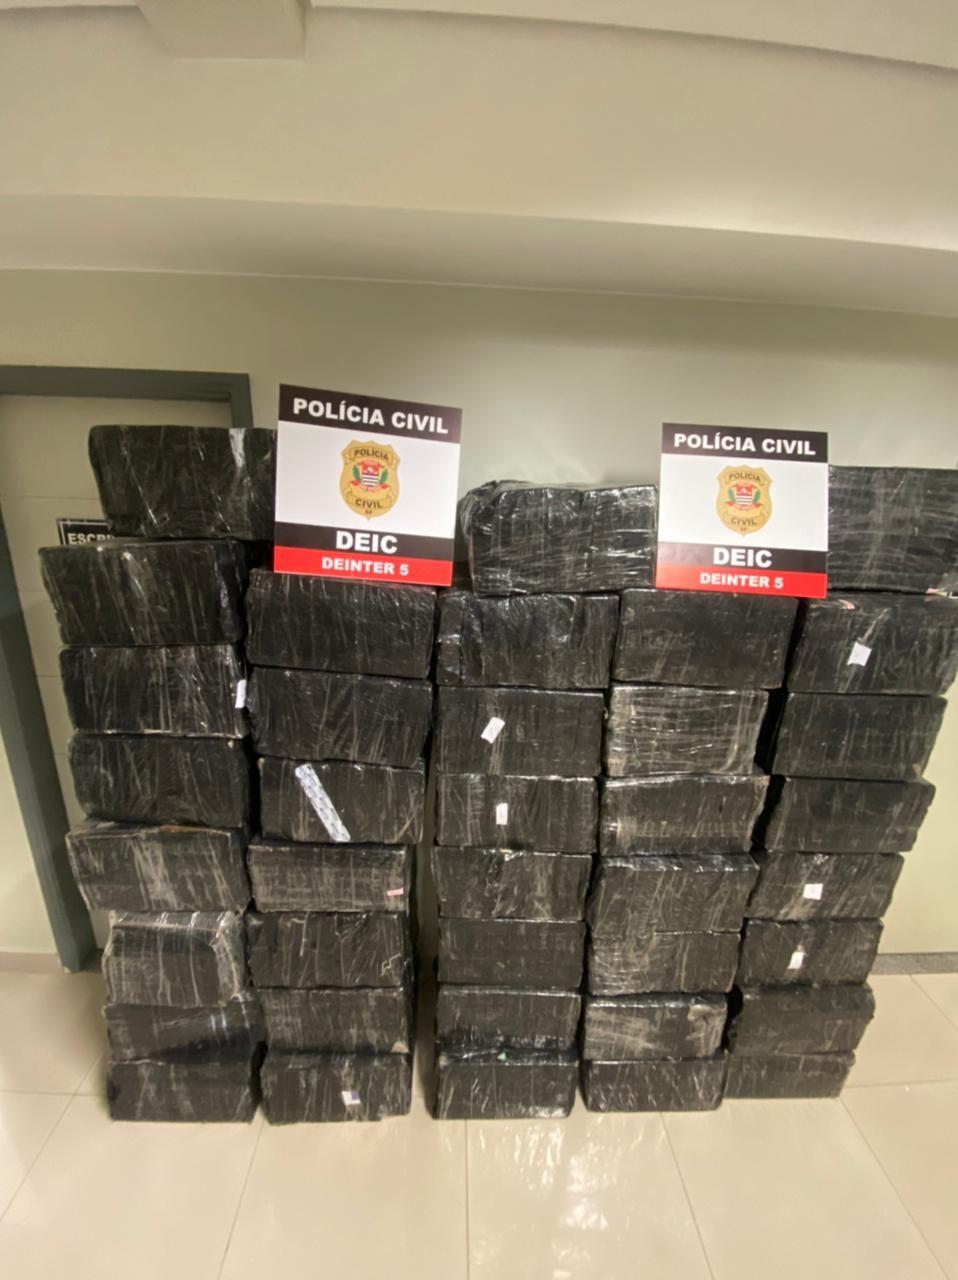 Polícia Civil apreende 1,2 tonelada de maconha escondida em carga de arroz em Guapiaçu